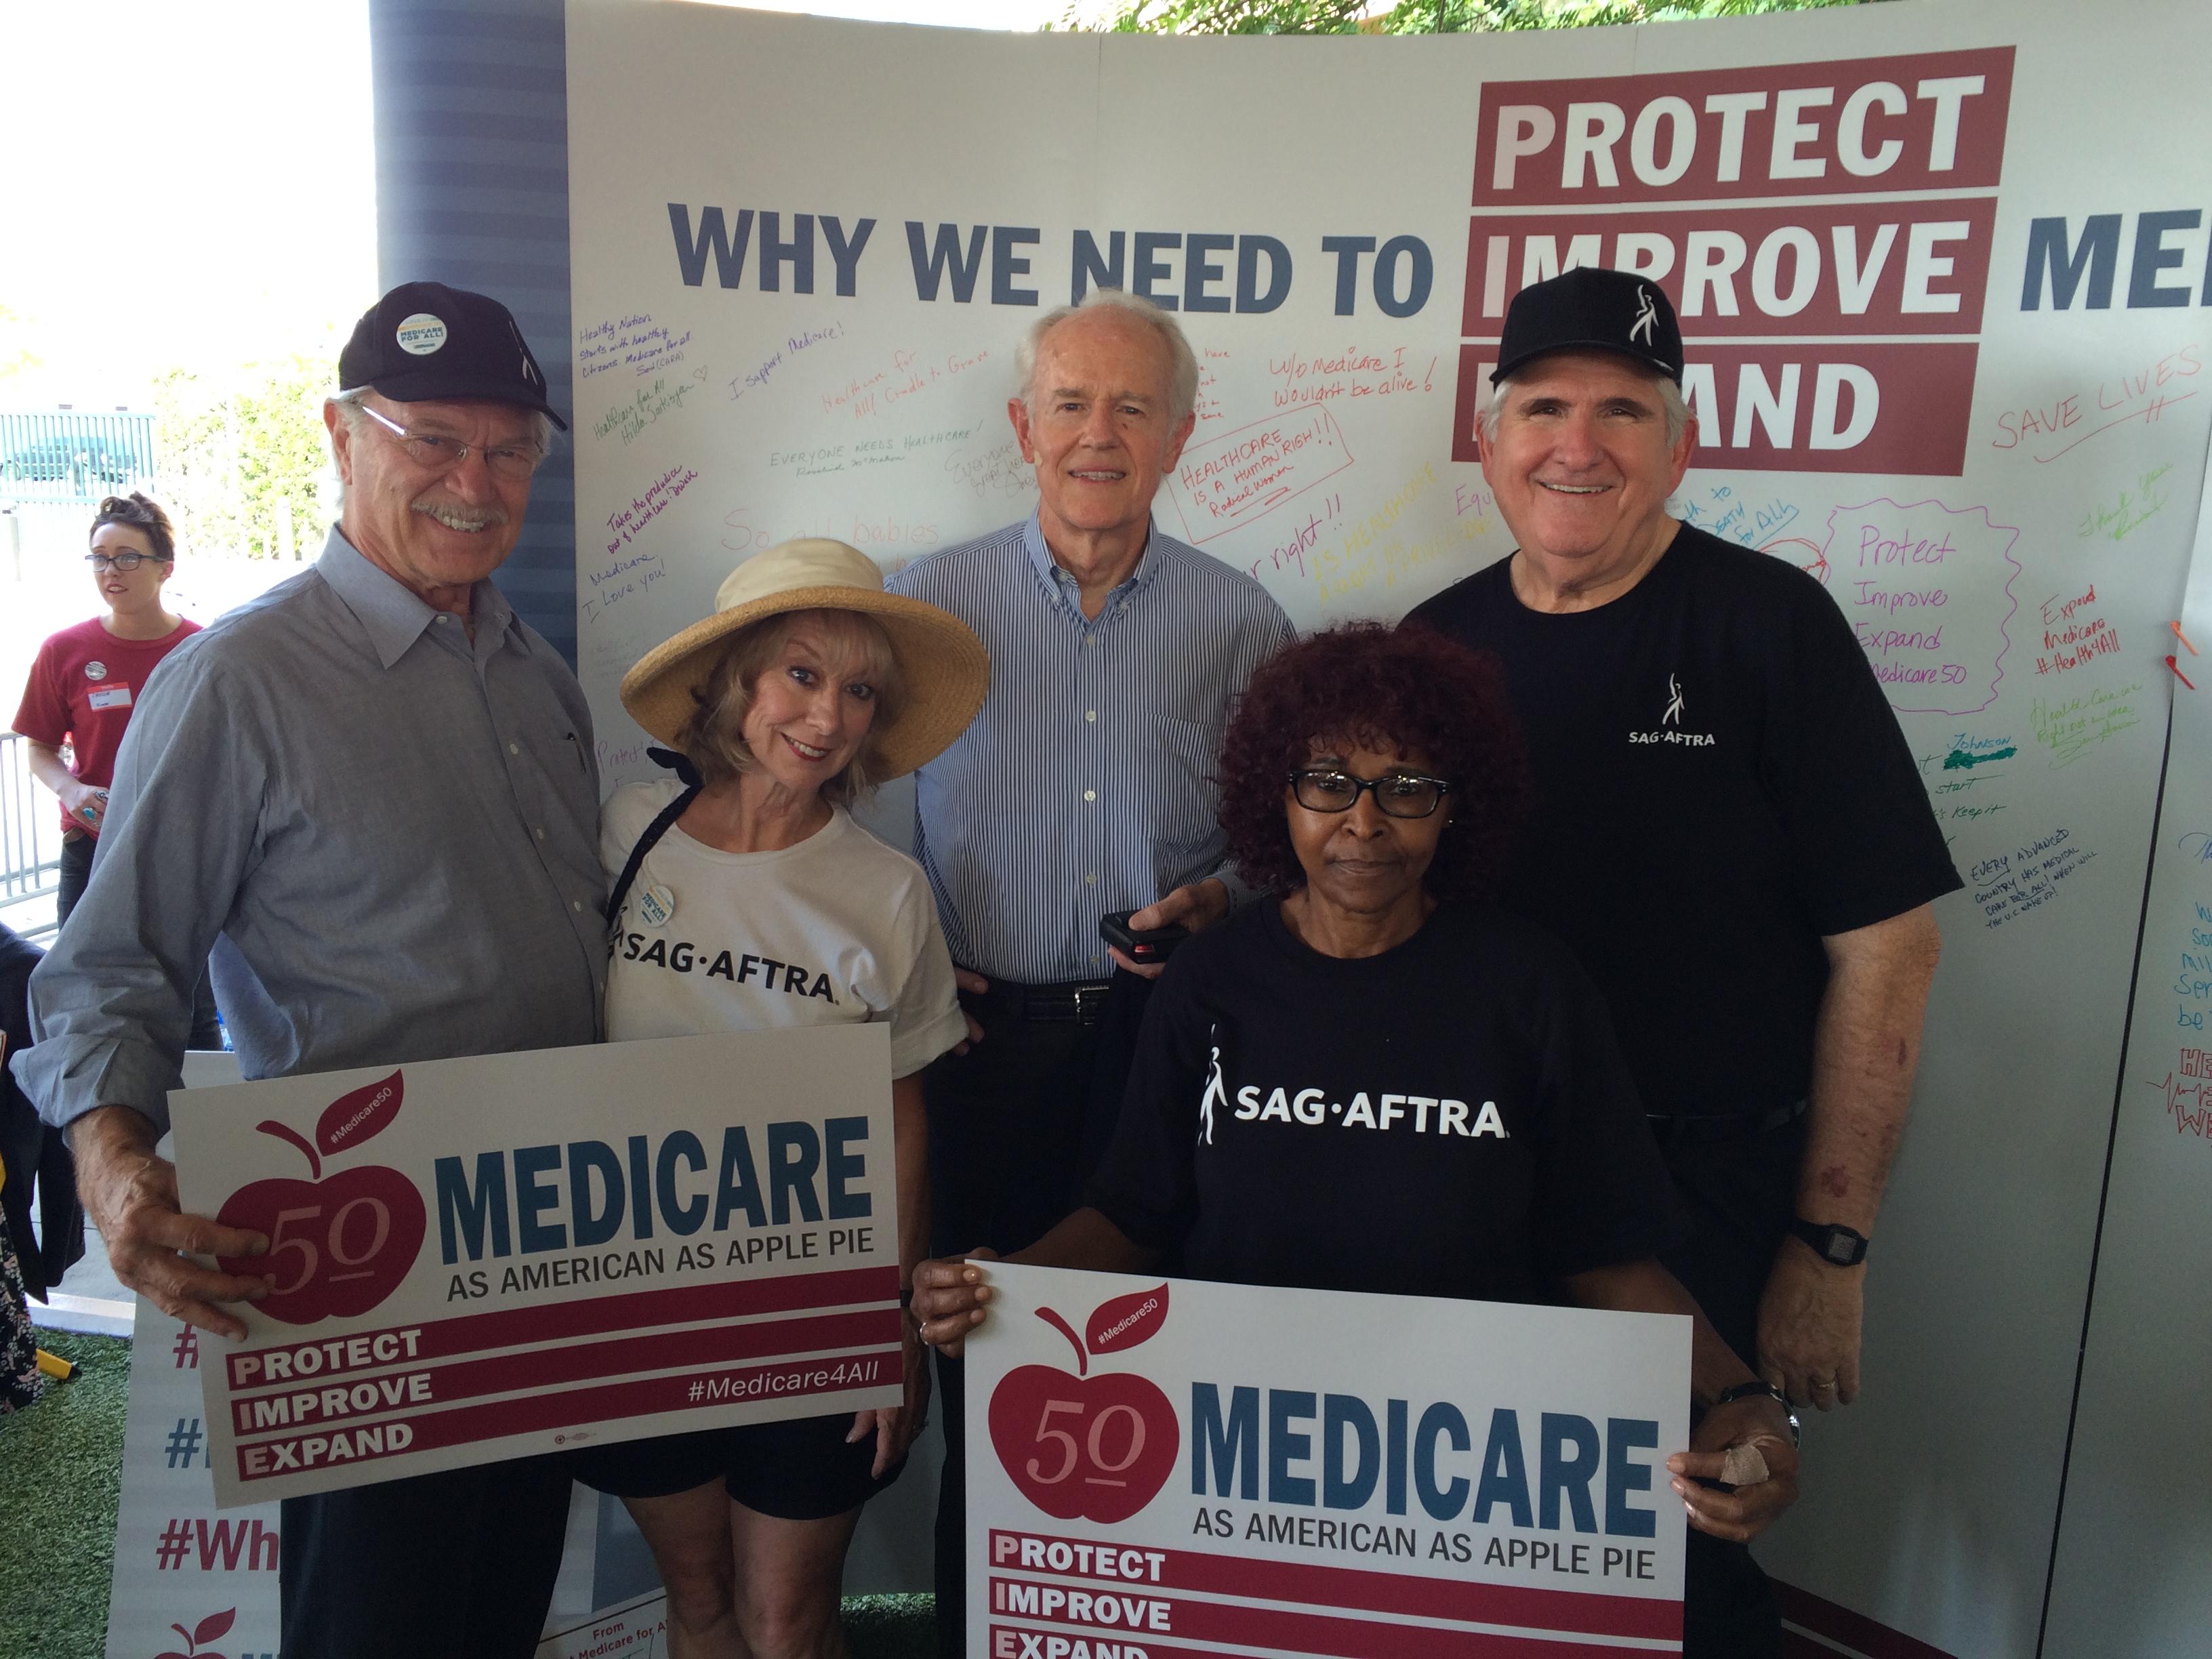 Medicare rally